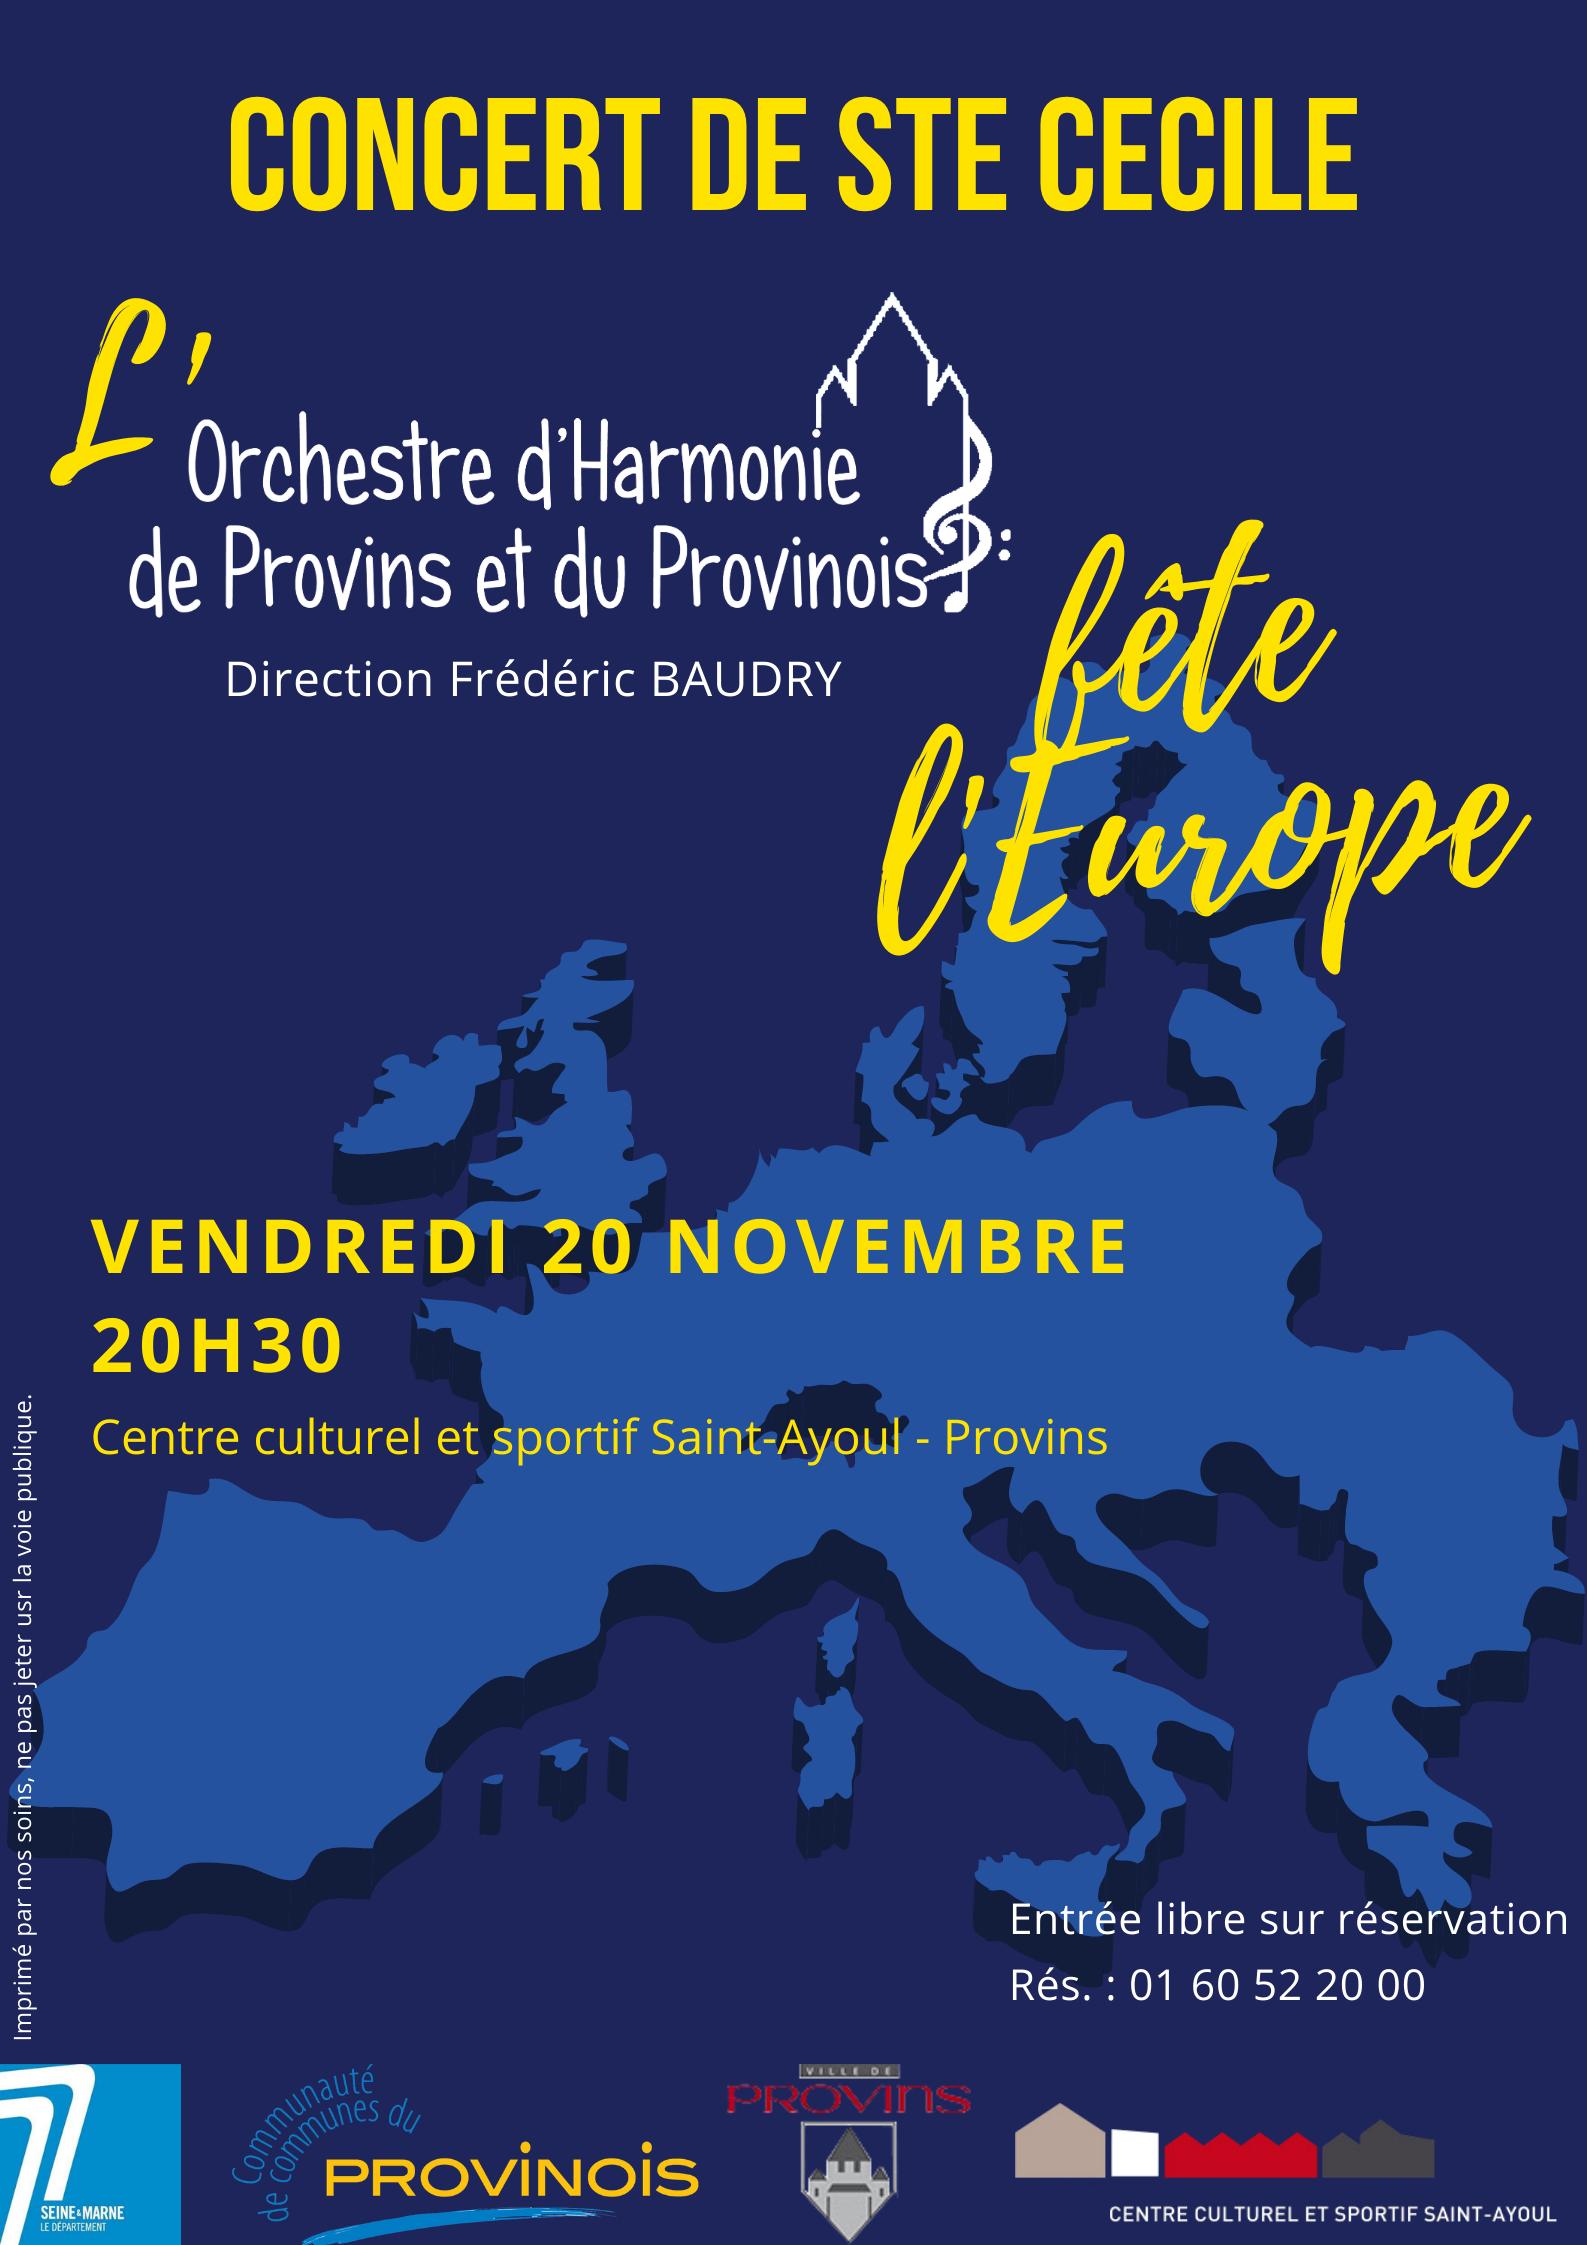 Concert de Ste Cécile @ Centre culturel et sportif Saint Ayoul